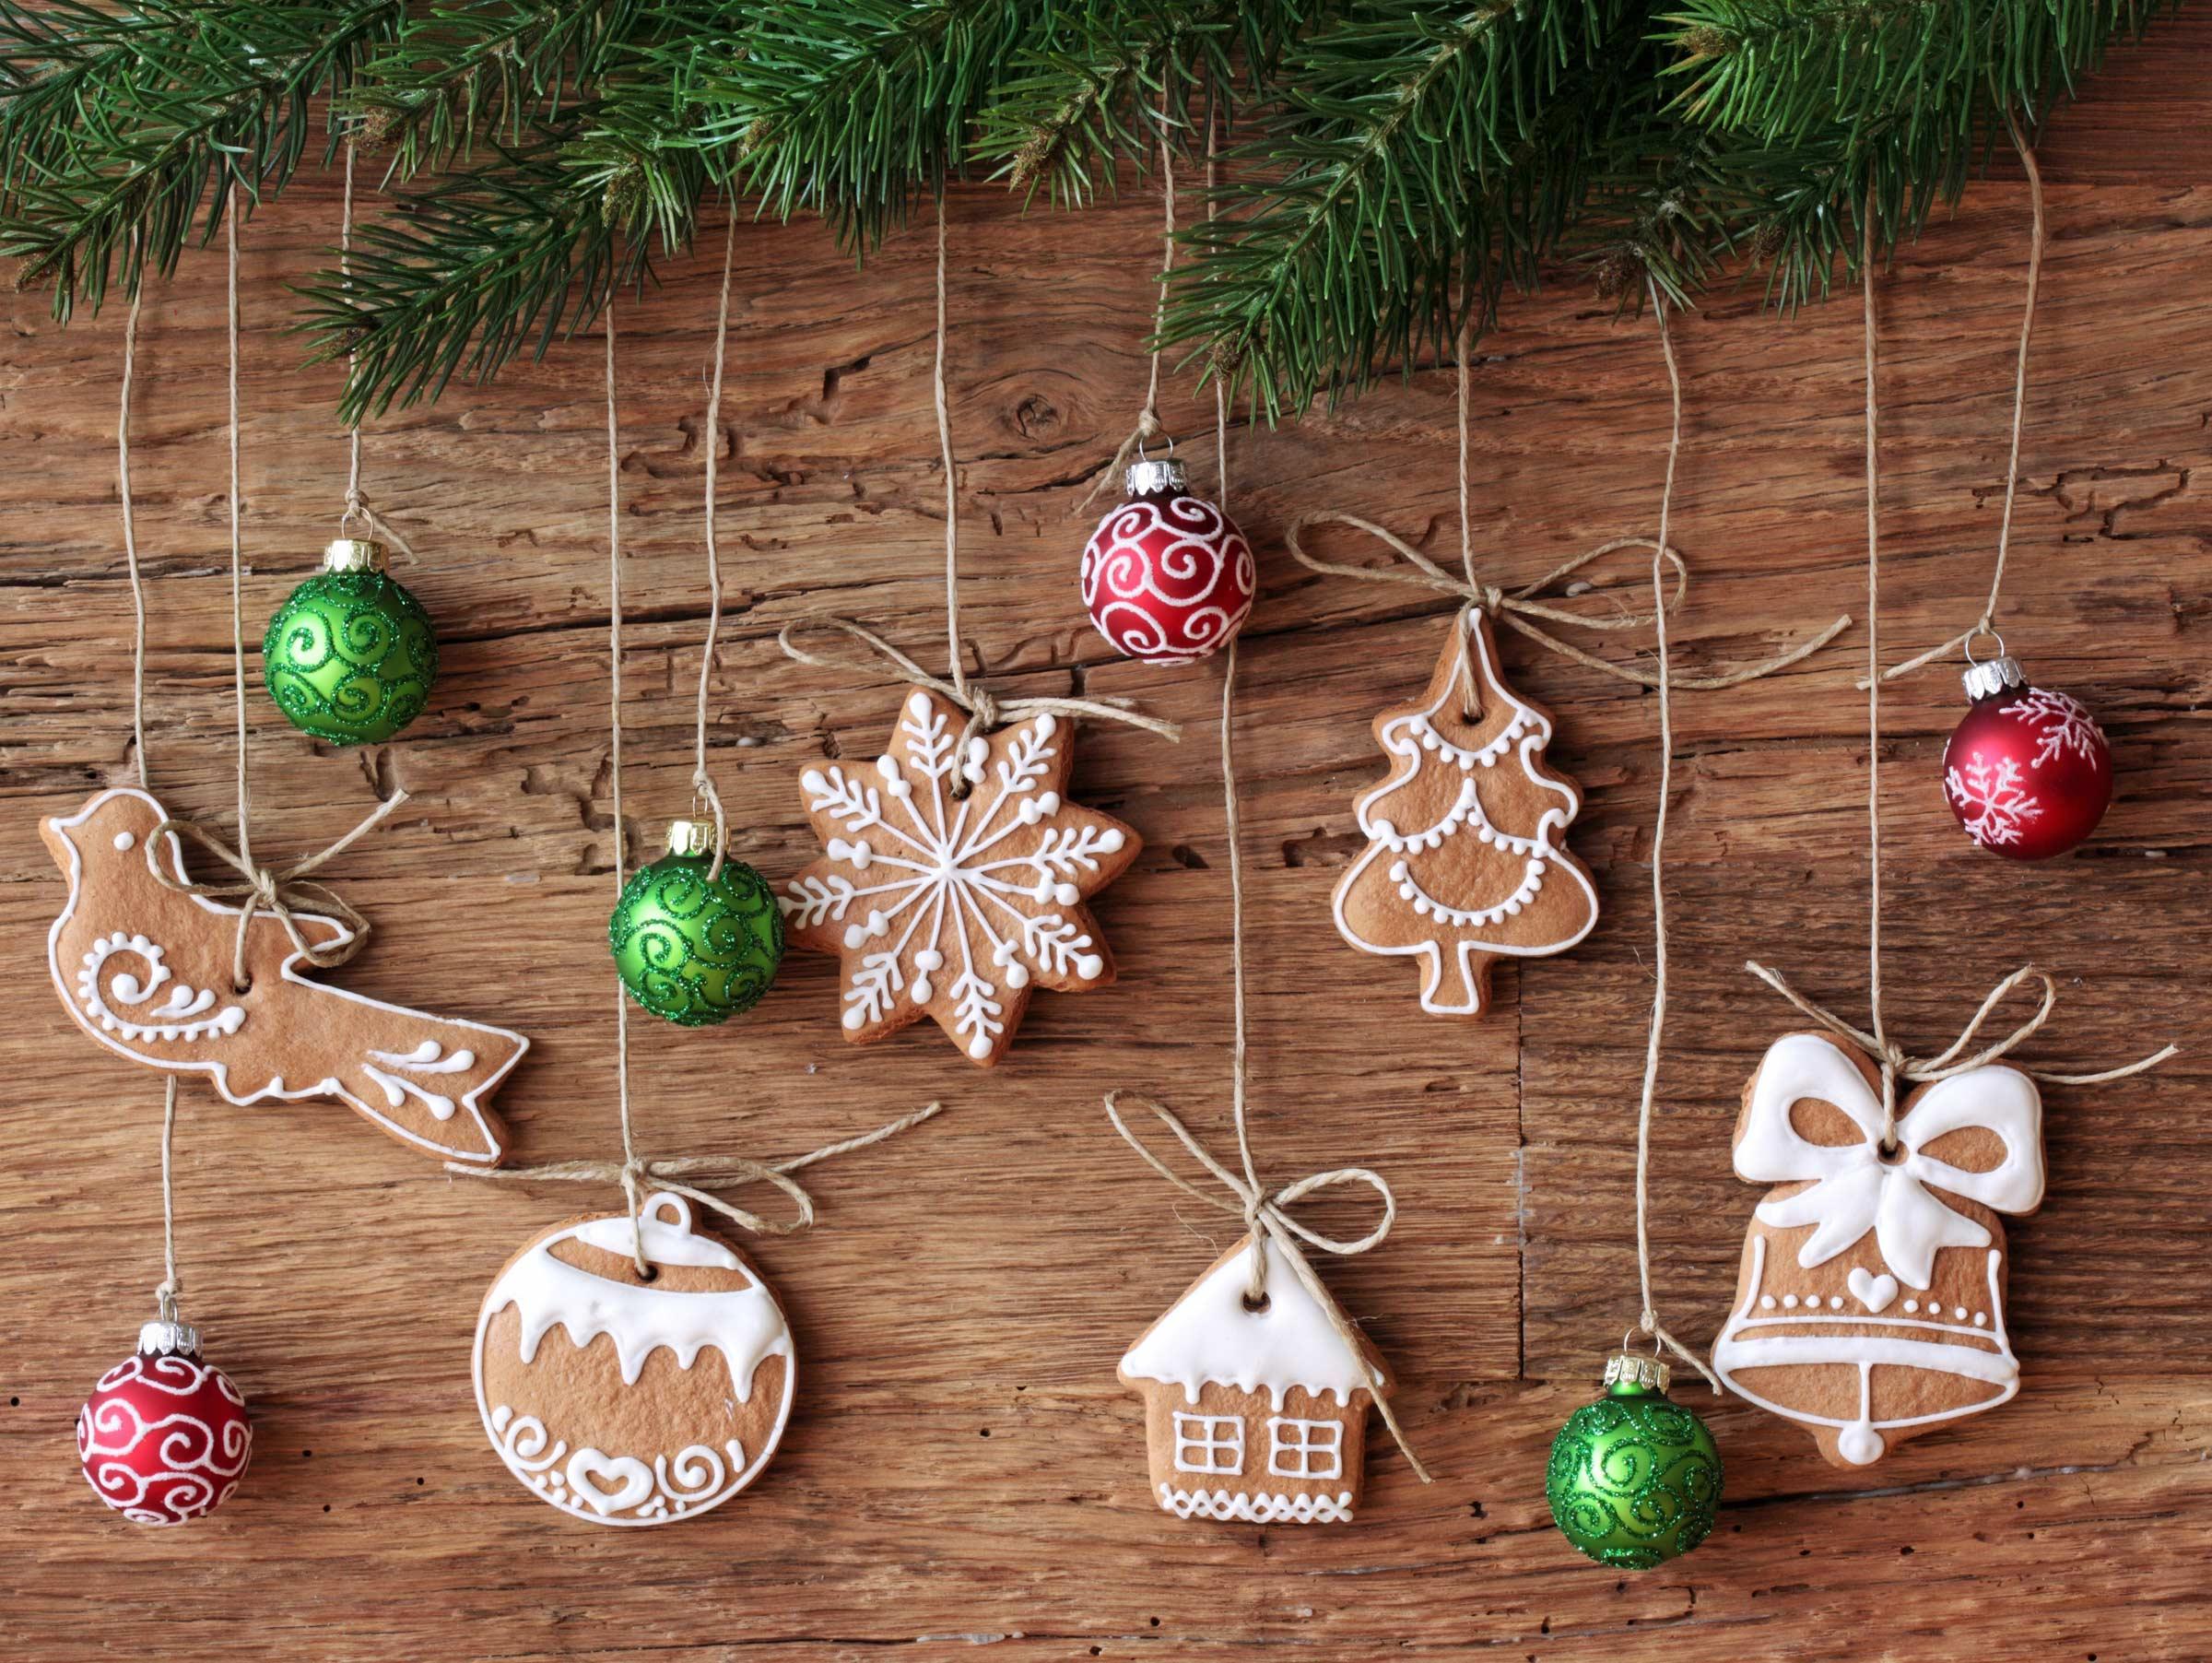 Background: Weihnachten